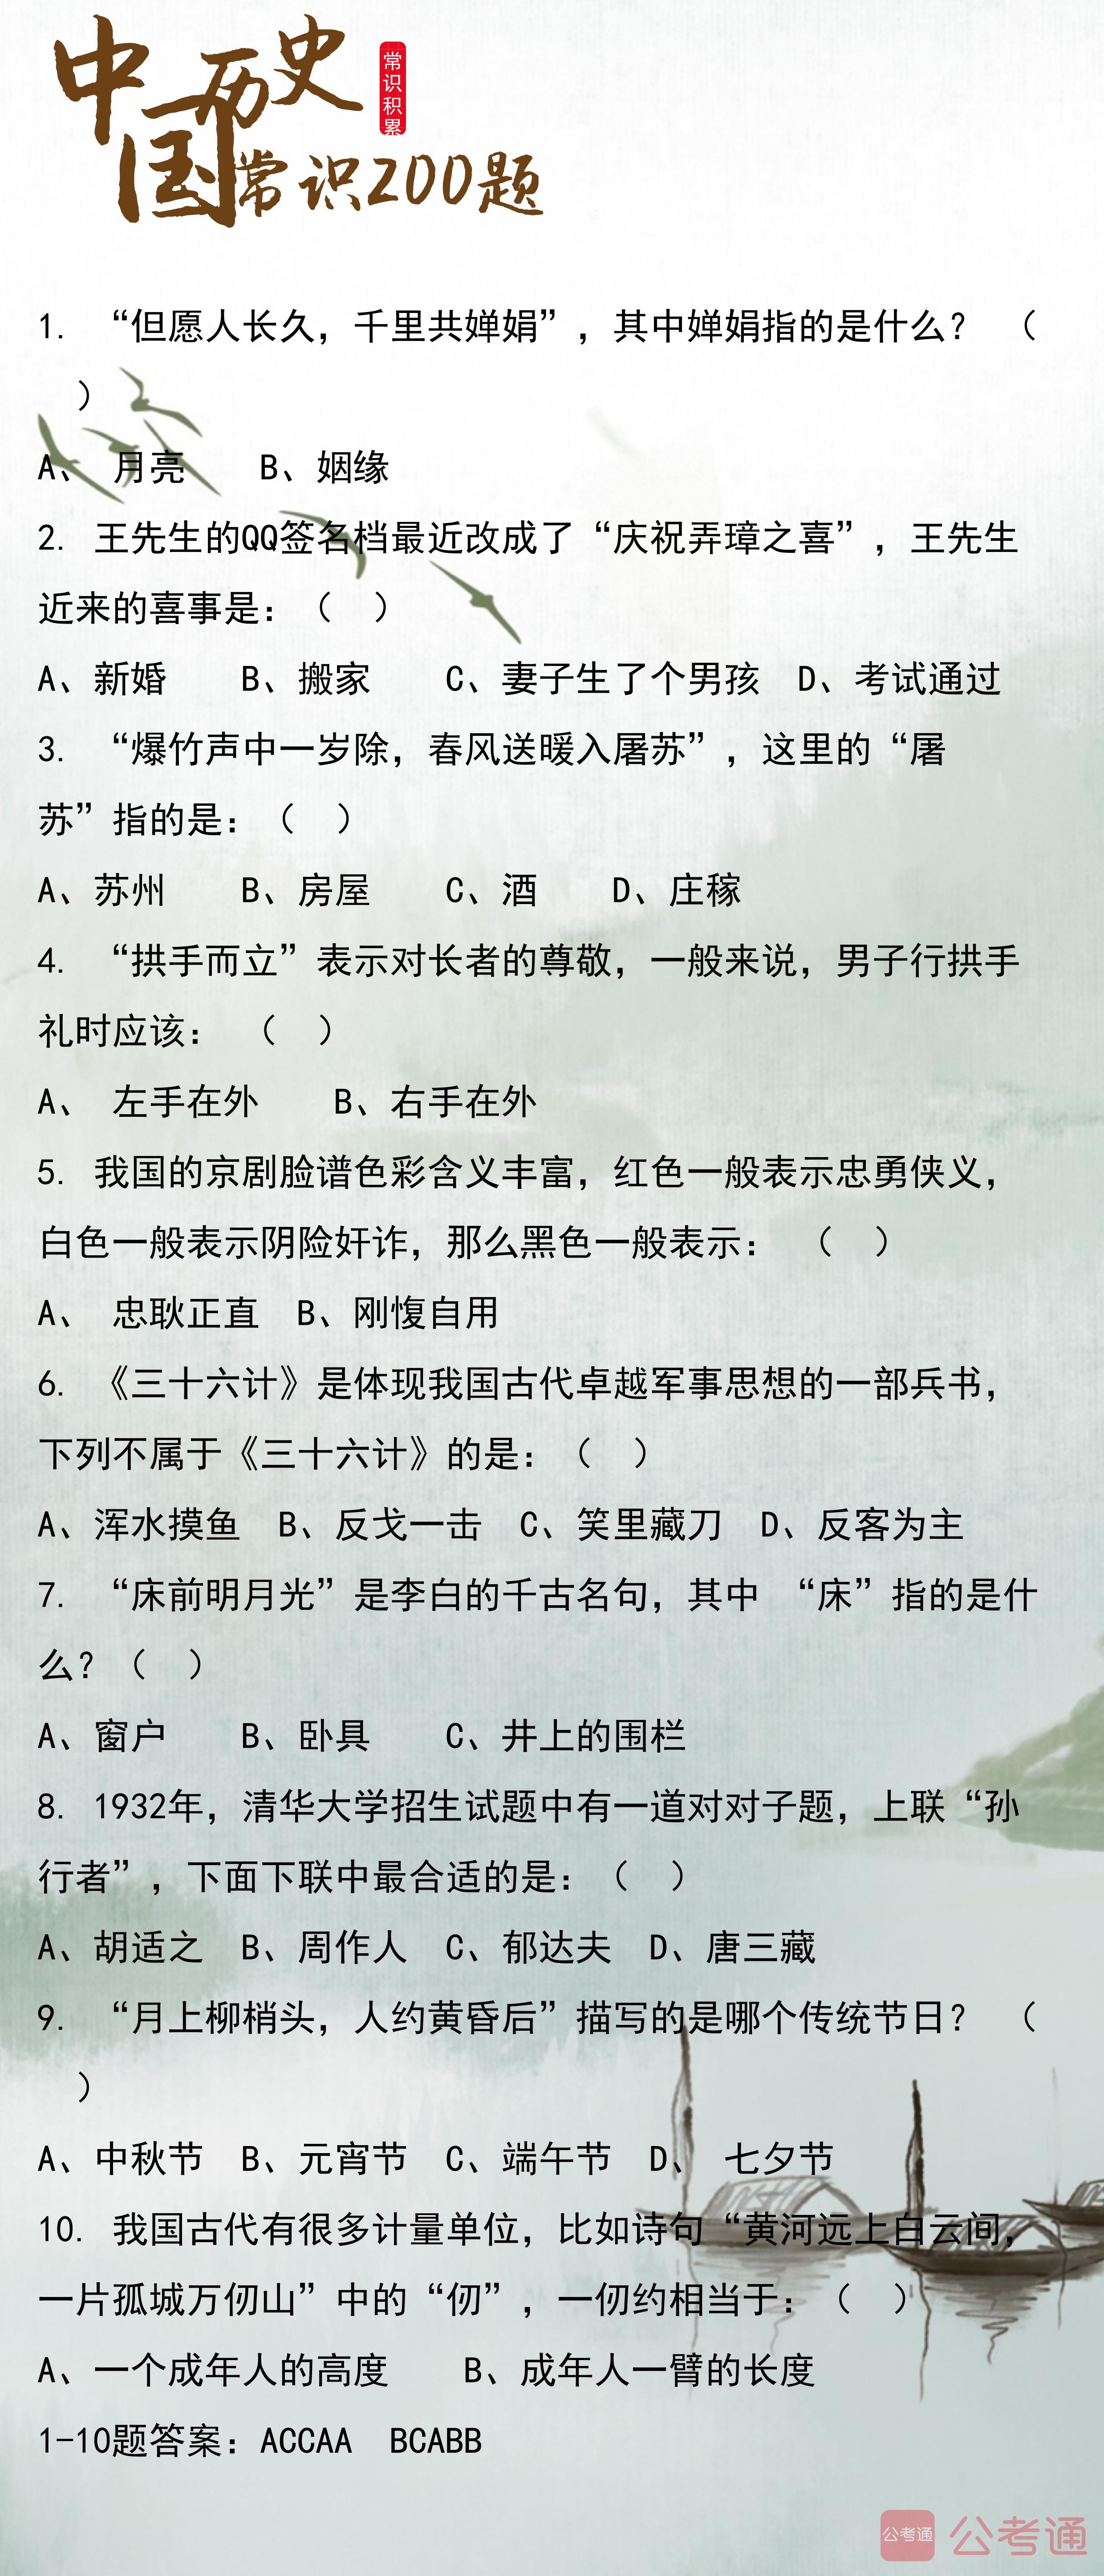 2020年浙江公务员考试常识积累:中国历史常识200题(上)